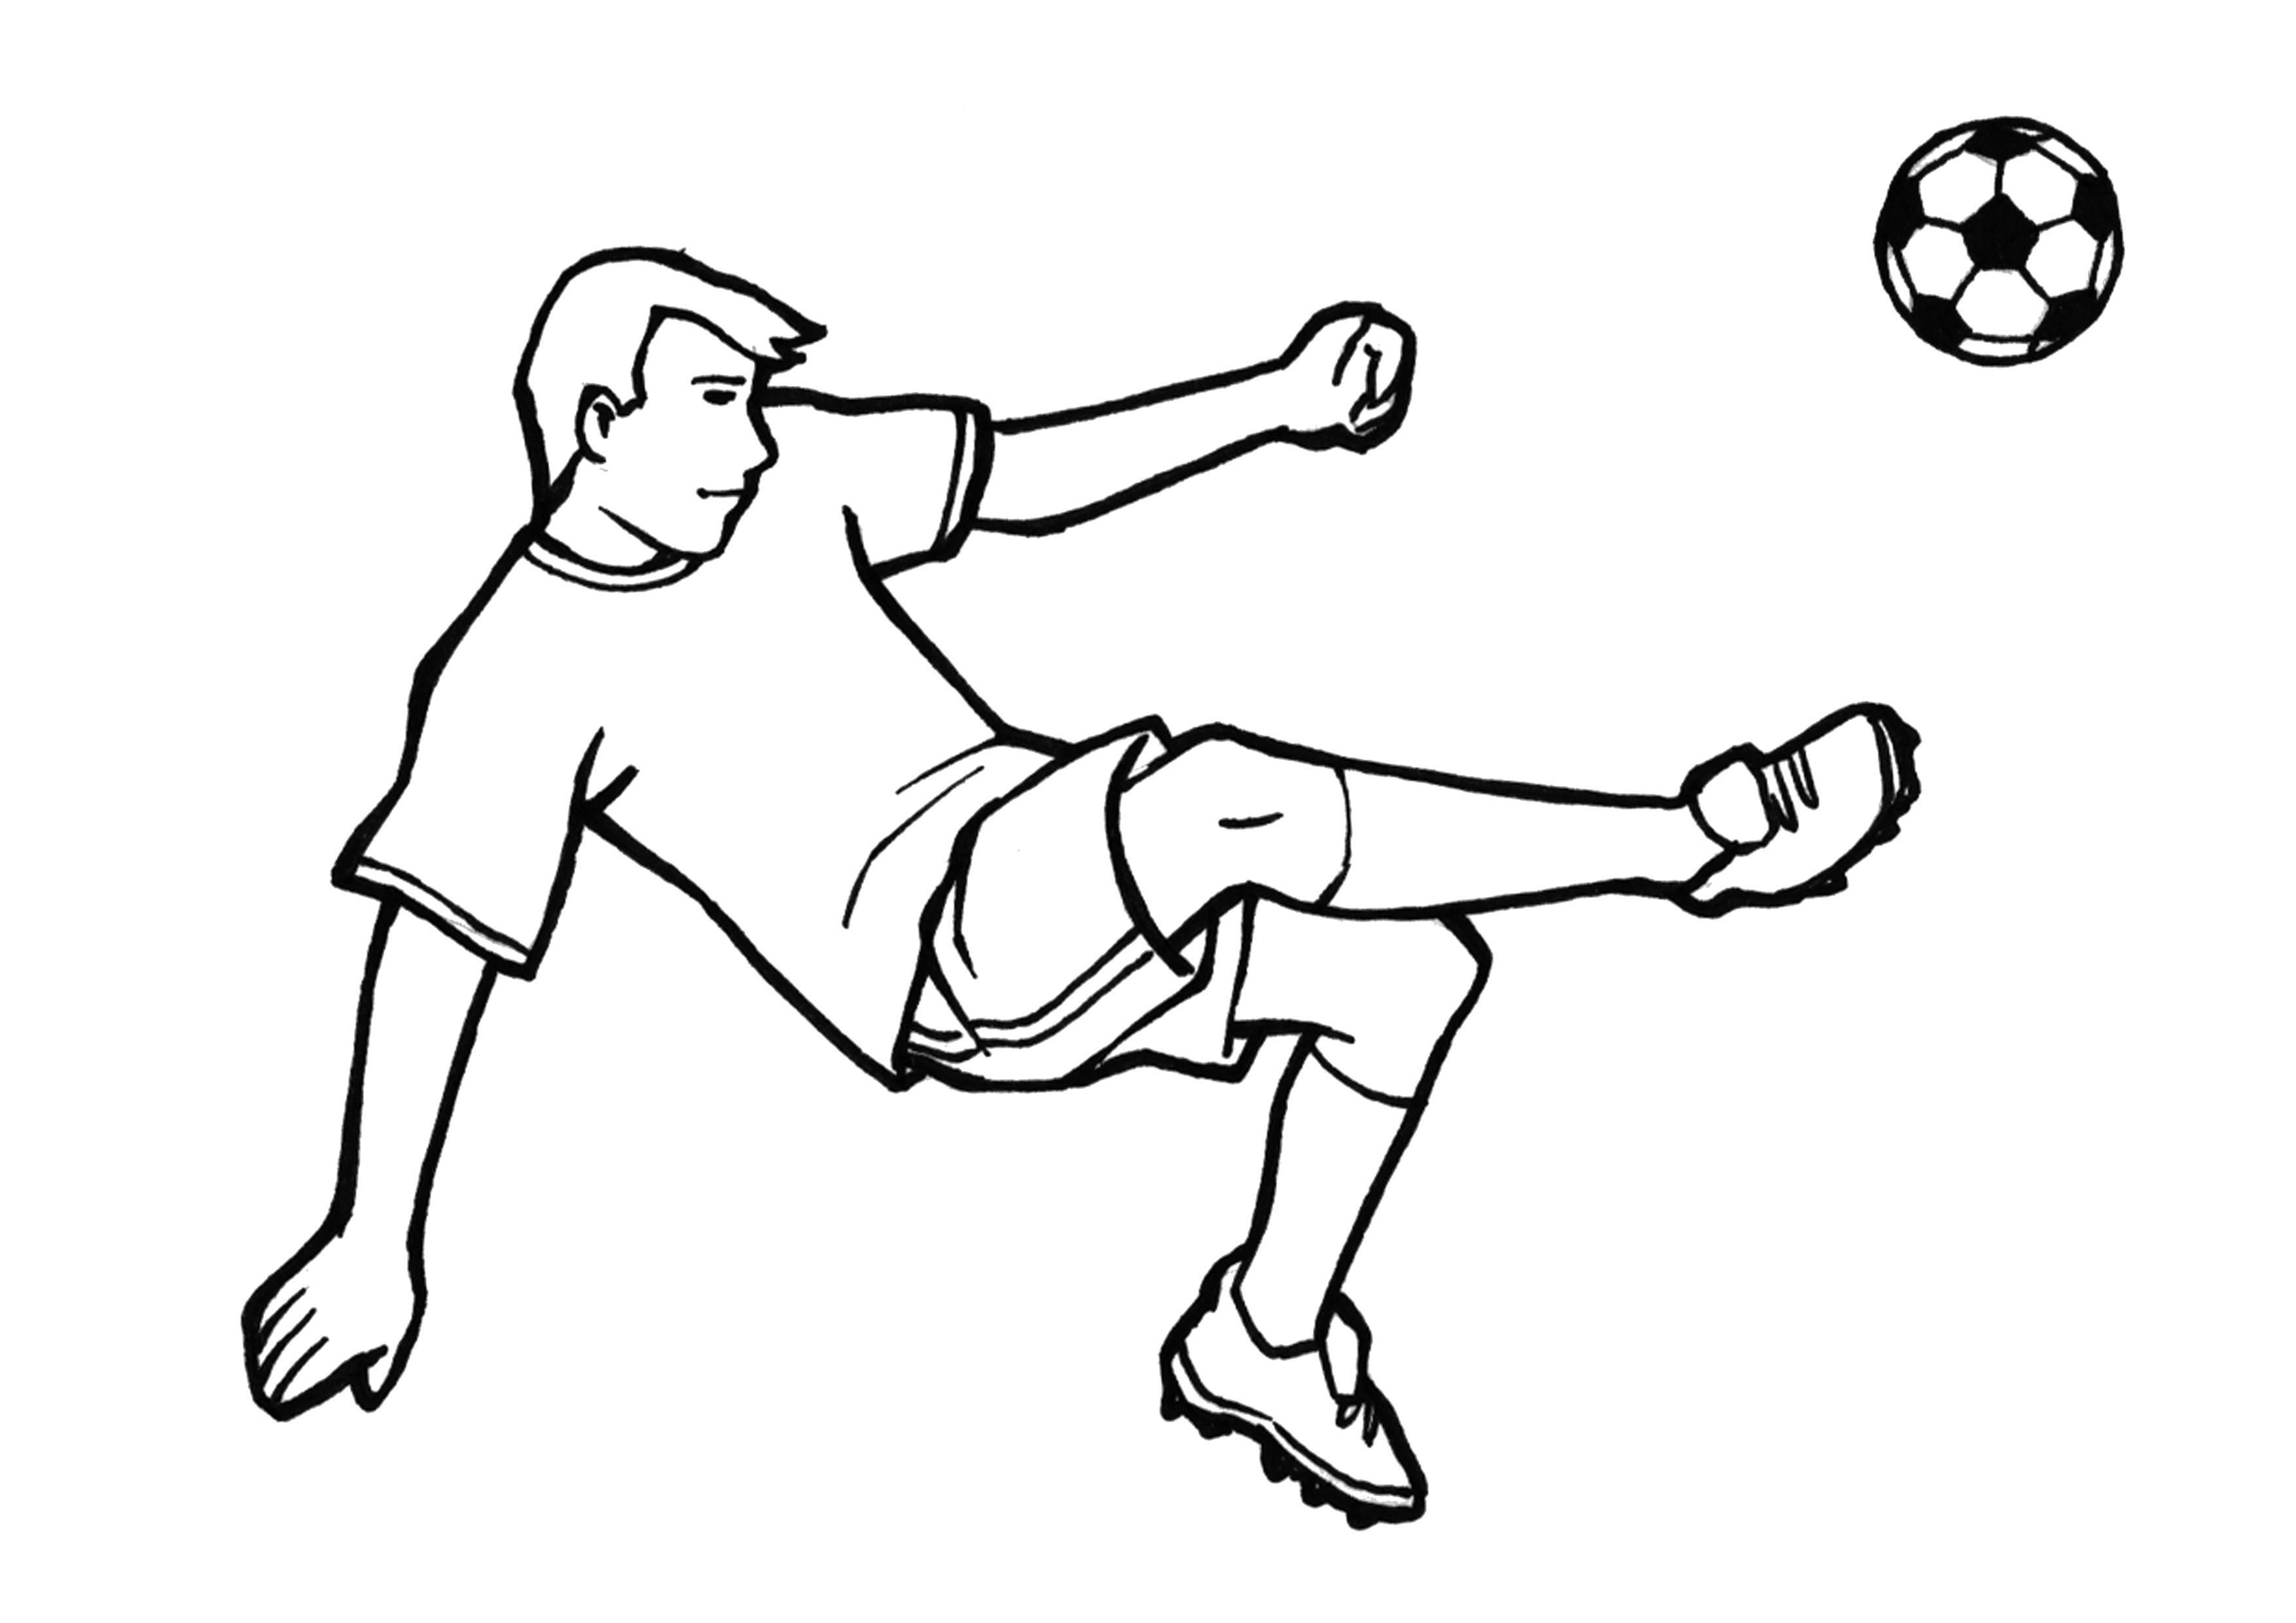 die besten ideen für fussball ausmalbilder - beste